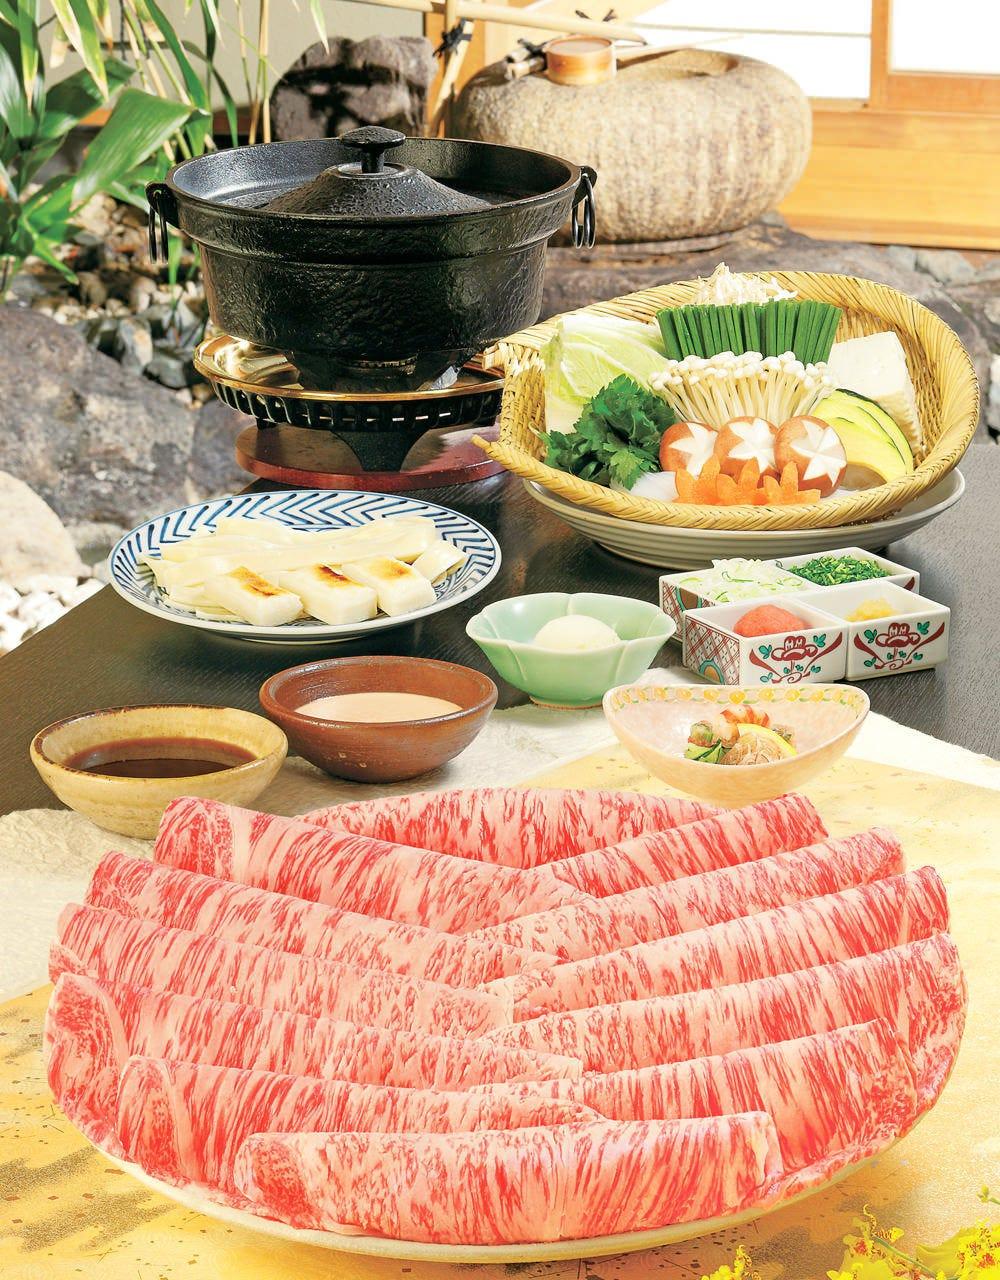 お昼のしゃぶしゃぶ/すき焼きはお値打ち価格でご提供いたします